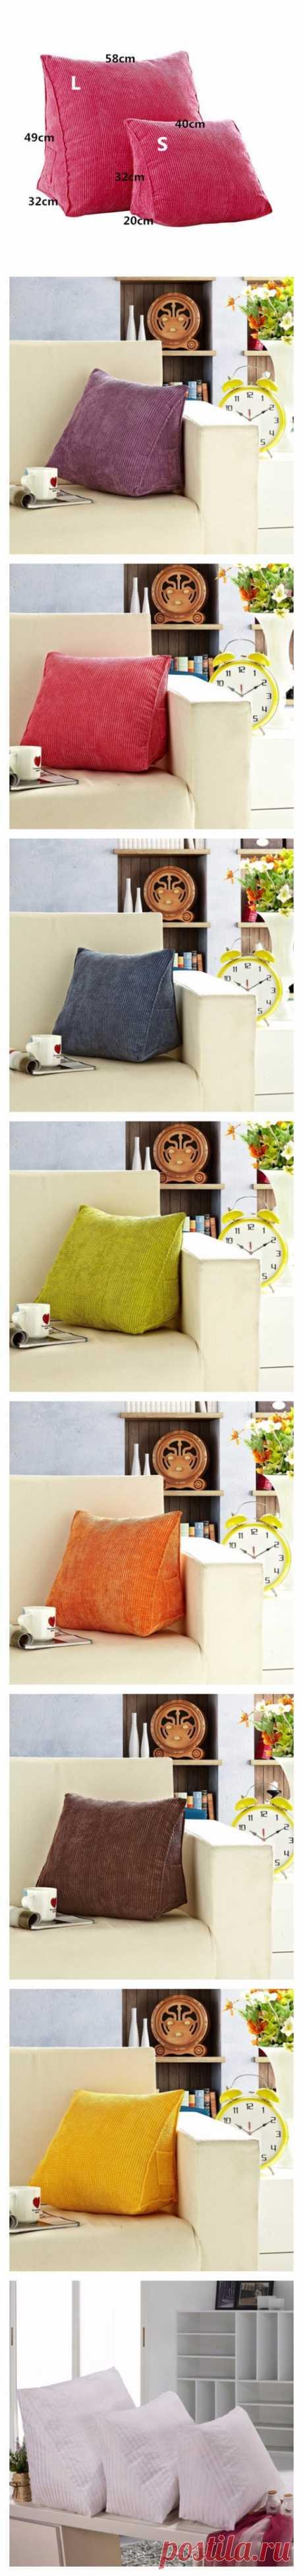 Los respaldos triangulares la Almohada para el sofá. La almohada los bragueros S L Lumbares las Dimensiones de 7 colores son accesibles comprar en AliExpress.